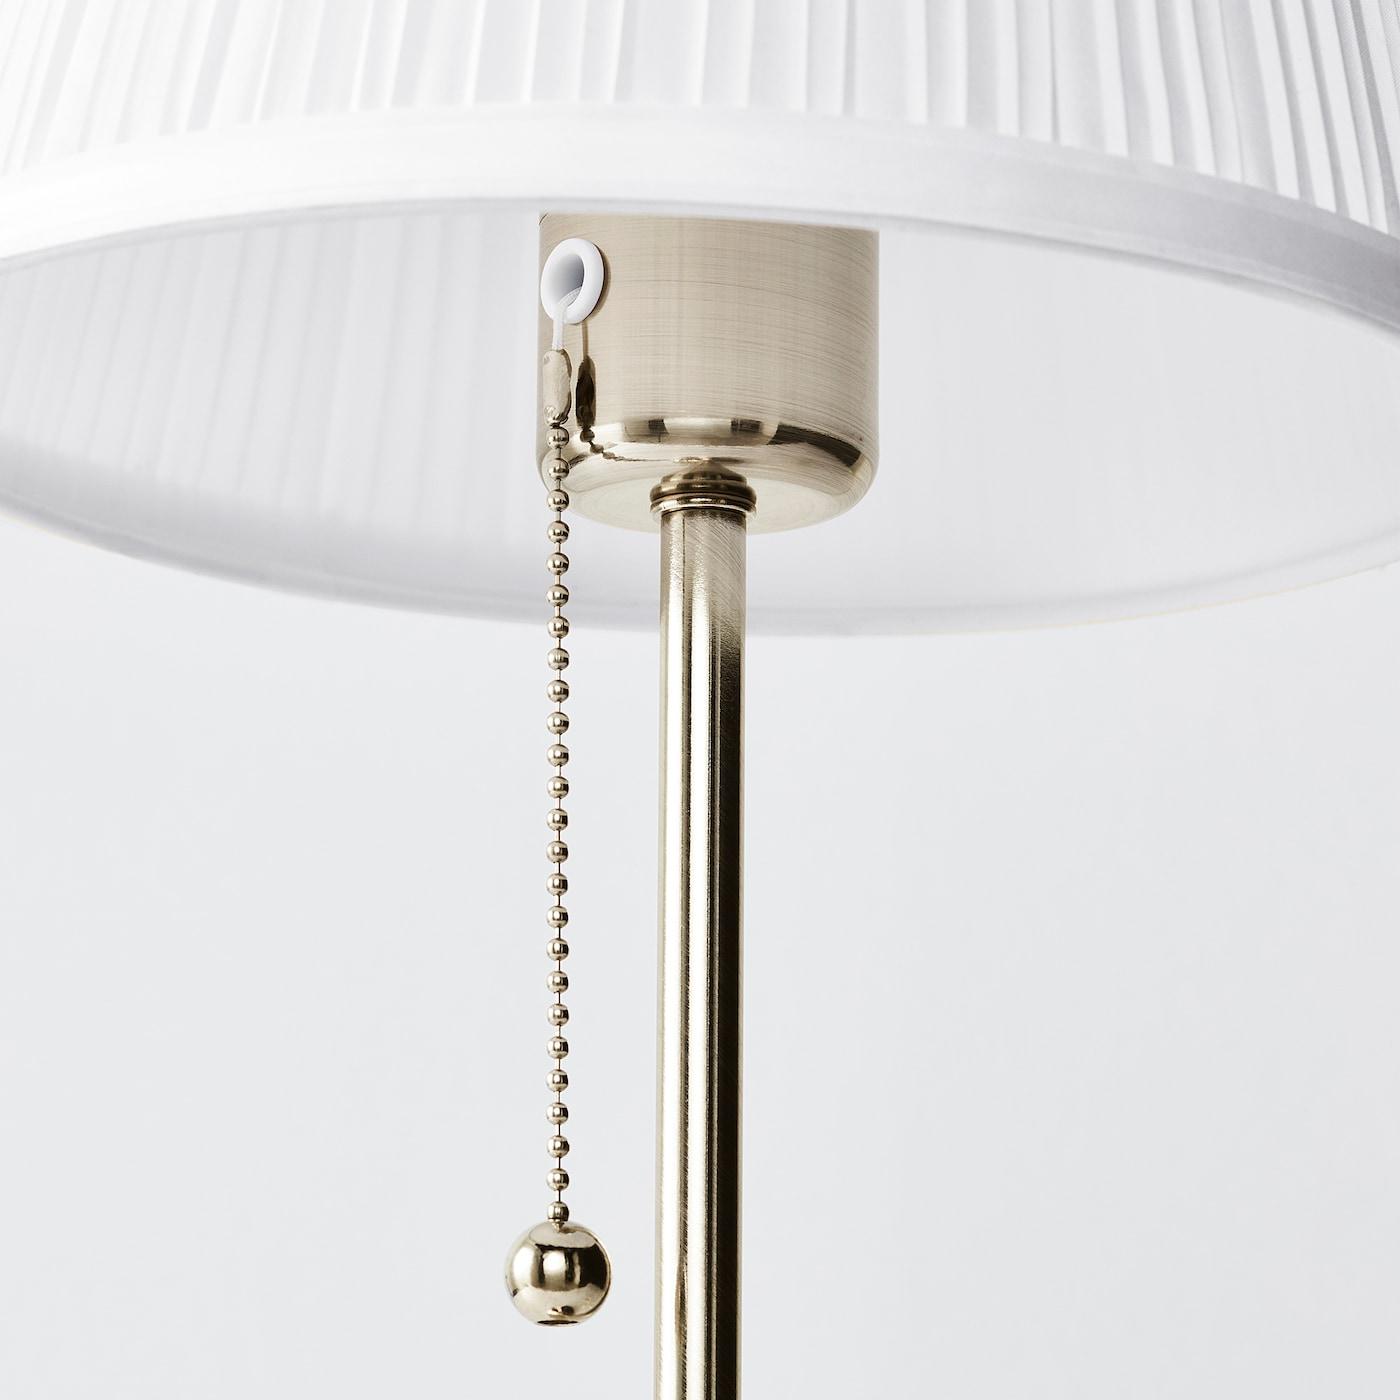 Ikea arstid lamp